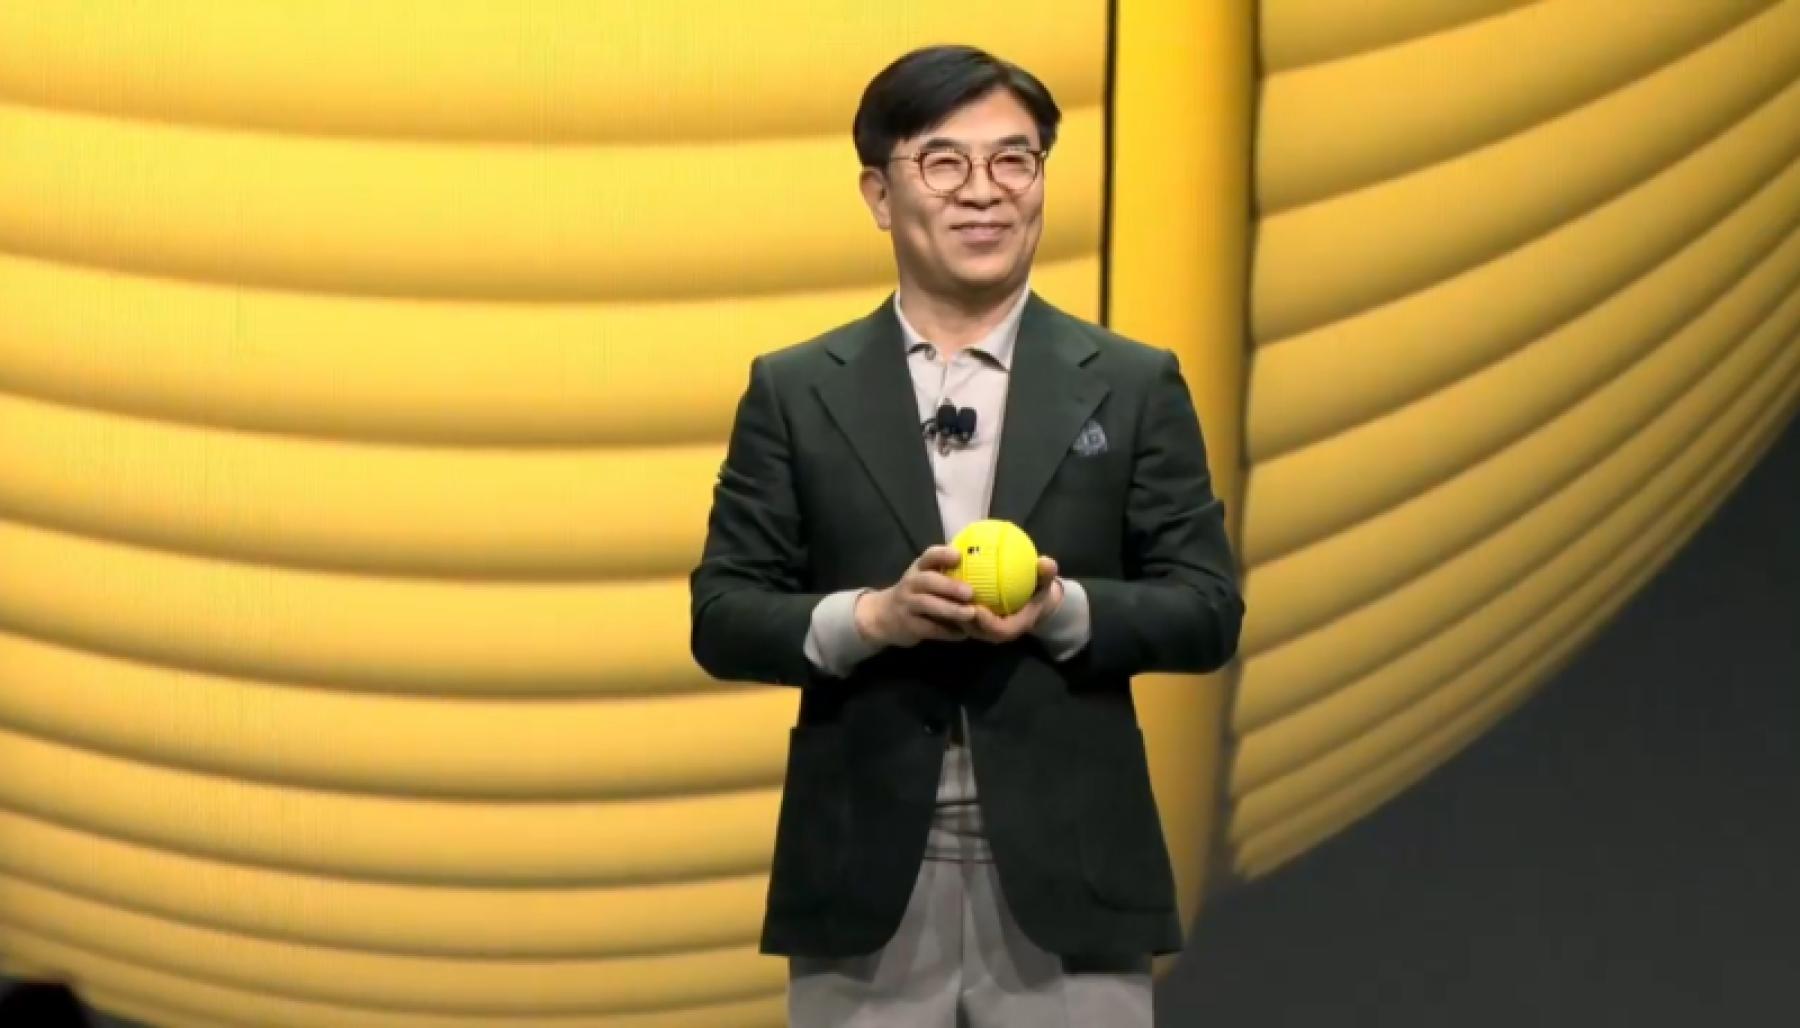 Robot pelota - robot - tecnología - CES 2020 - CES2020